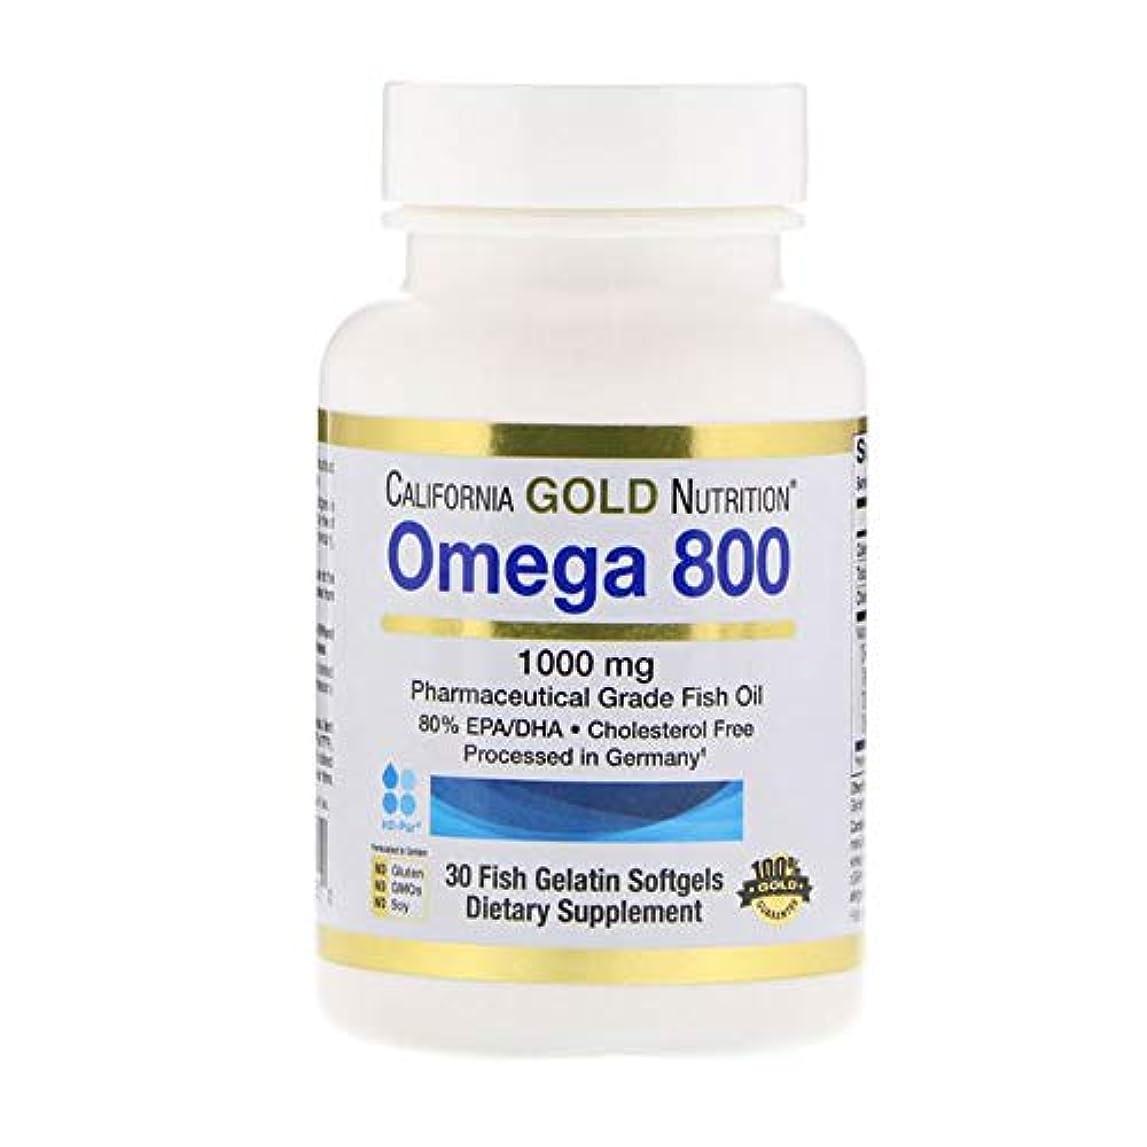 プロペラ記録テメリティCalifornia Gold Nutrition オメガ 800 80% EPA DHA 1000mg 30個 【アメリカ直送】